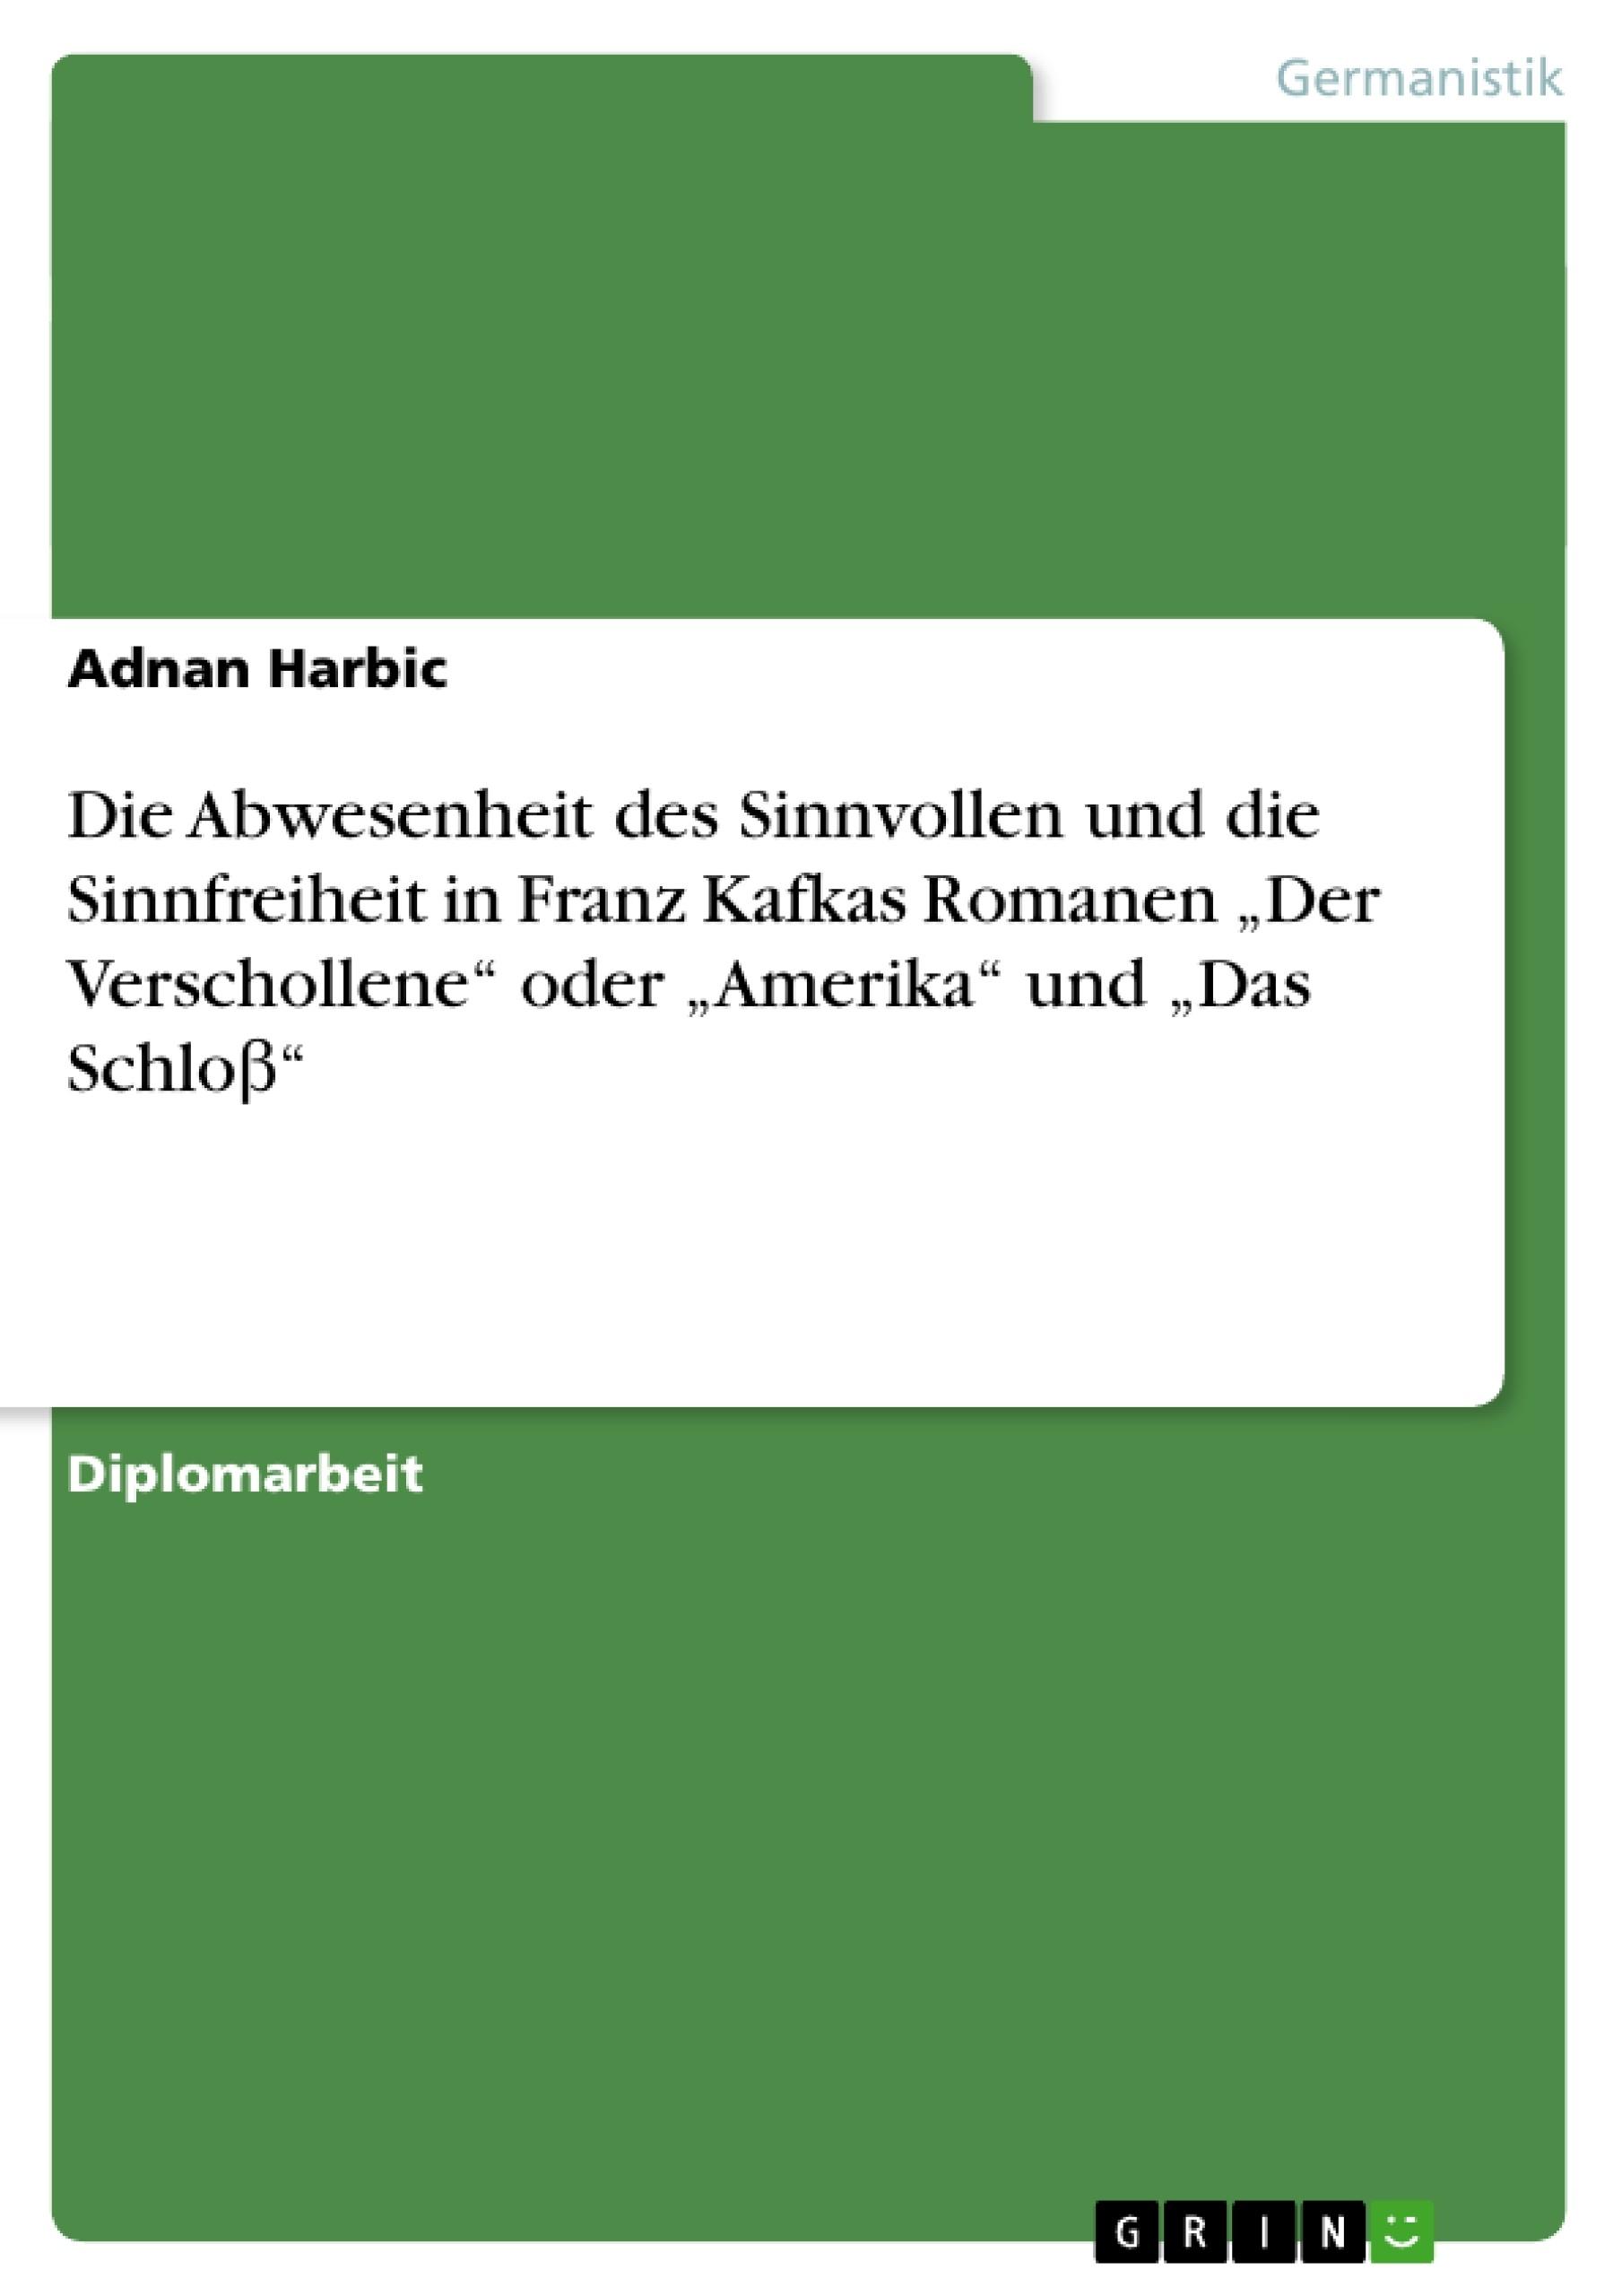 """Titel: Die Abwesenheit des Sinnvollen und die Sinnfreiheit in Franz Kafkas Romanen """"Der Verschollene"""" oder """"Amerika"""" und   """"Das Schloβ"""""""